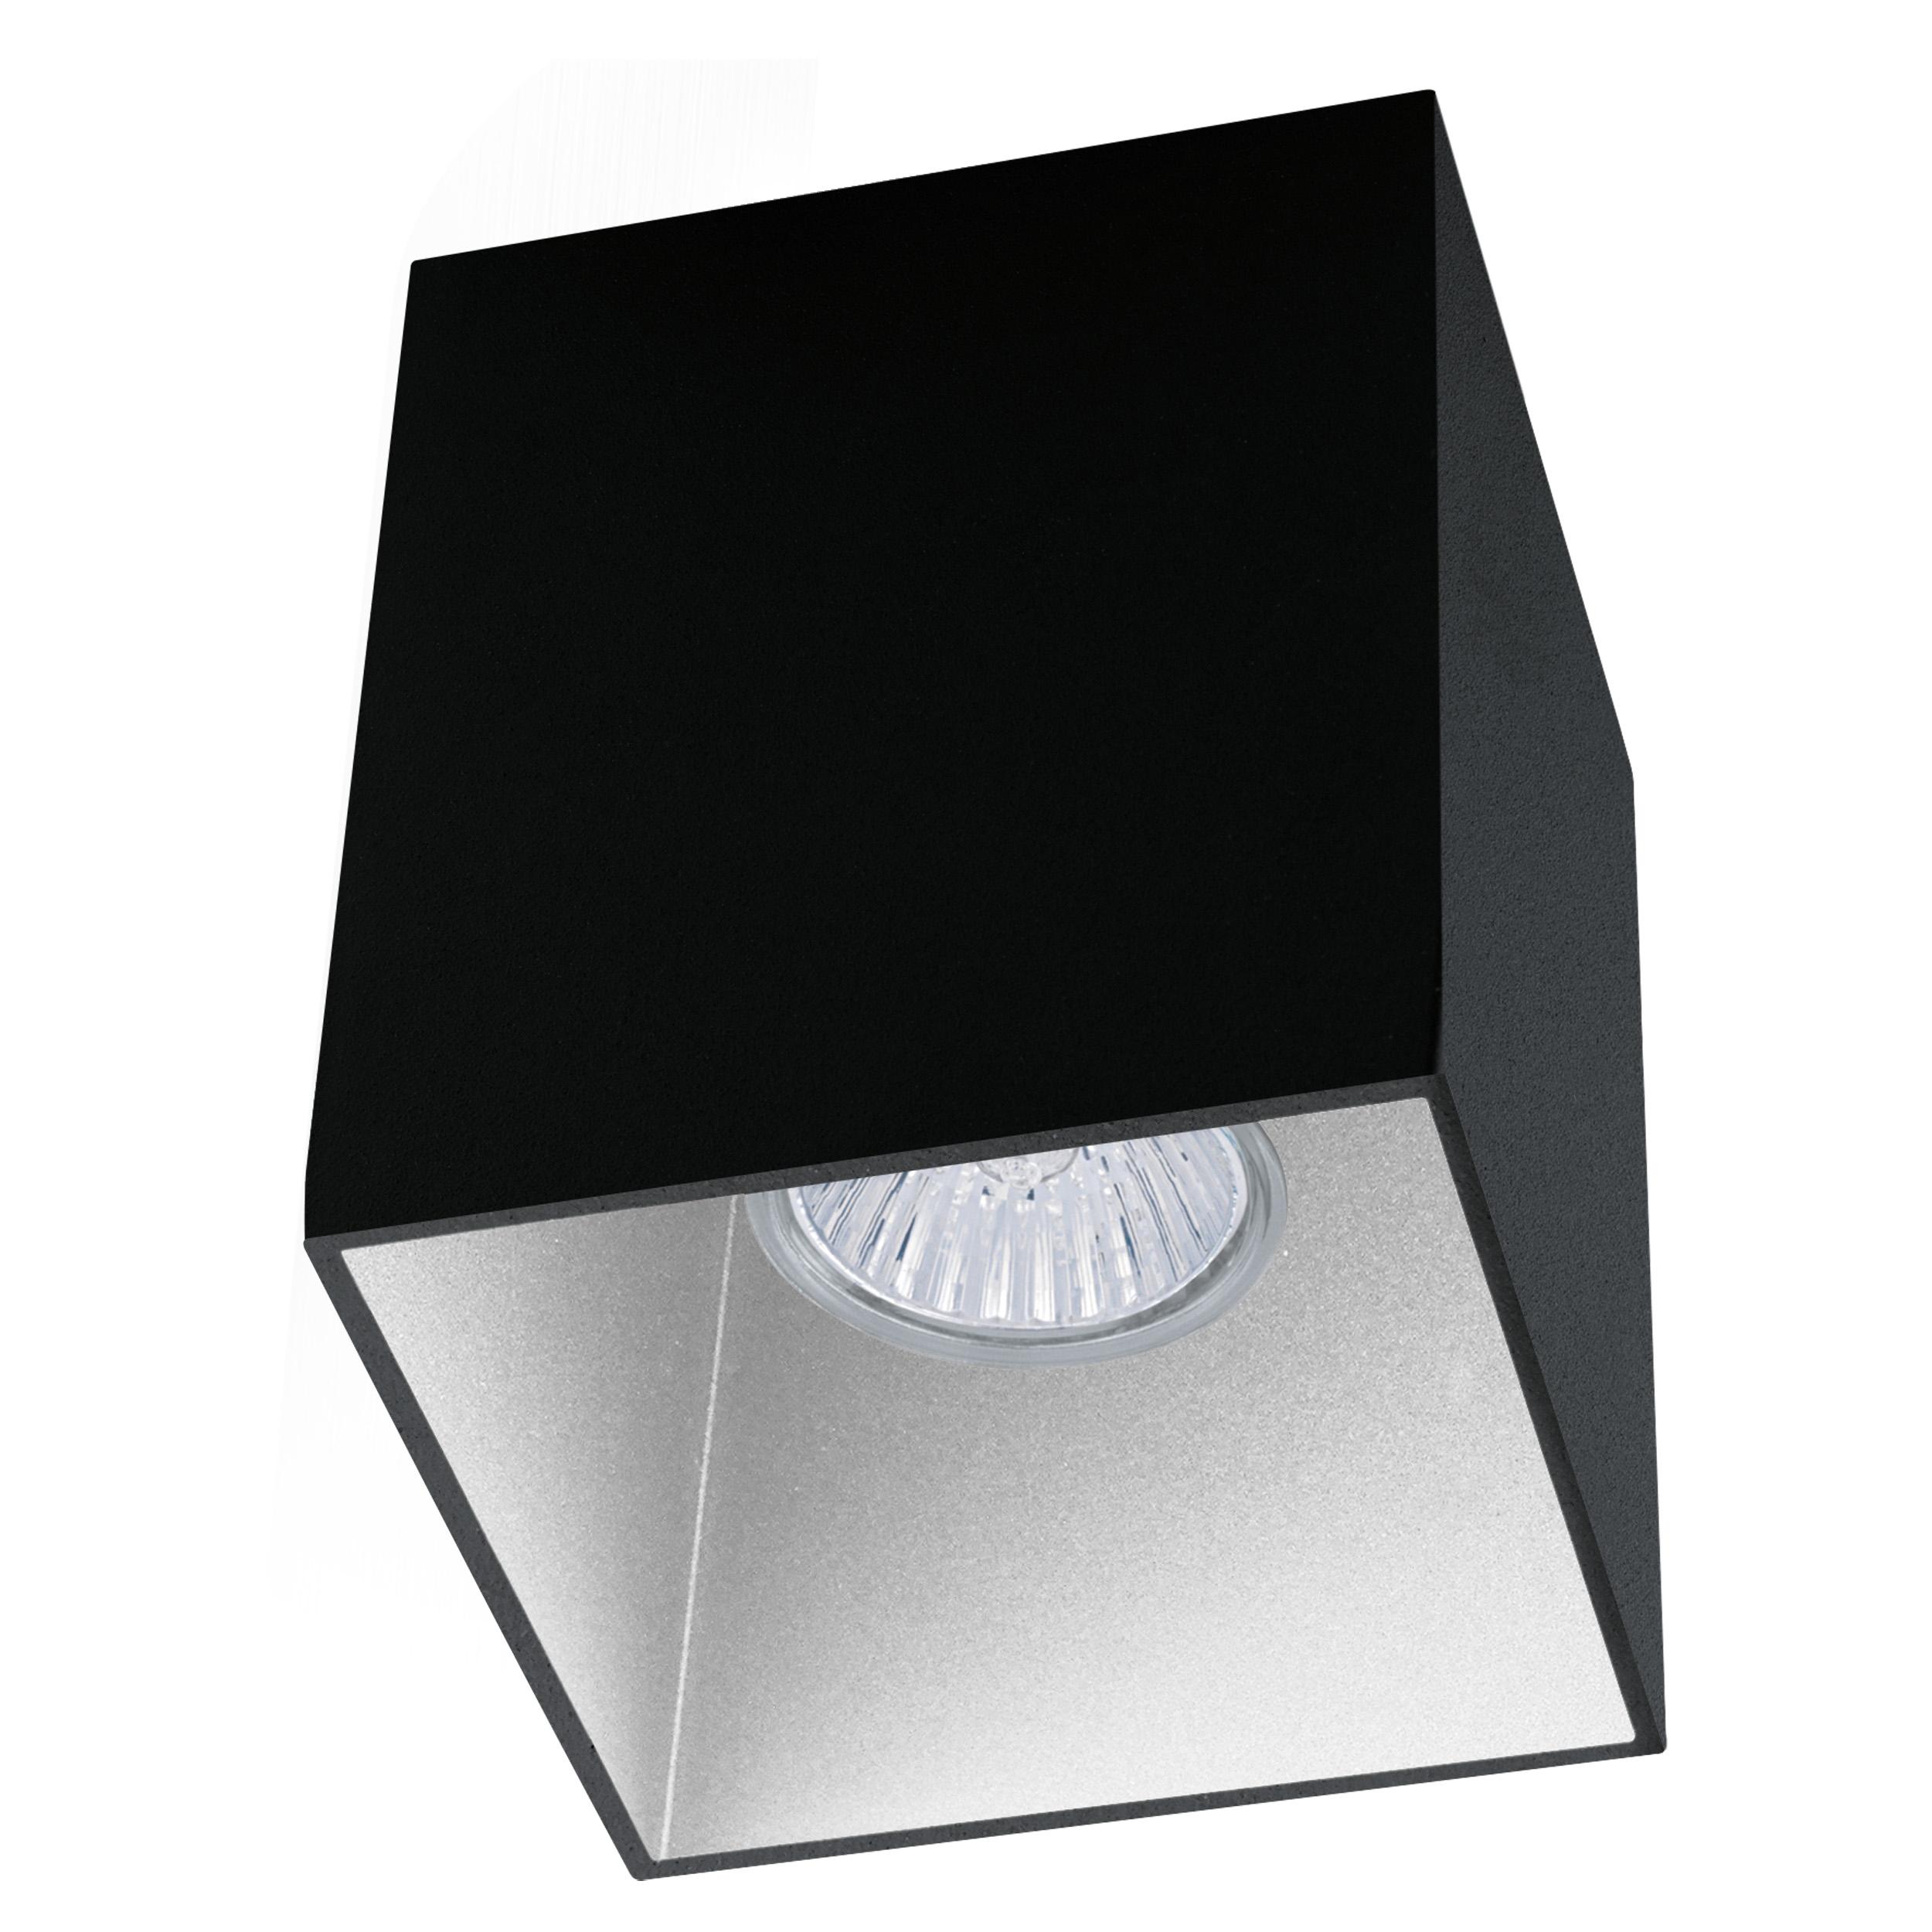 1 Stk Deckenleuchte Polasso Pro eckig 35W schwarz /weiss IP20 LI63193---